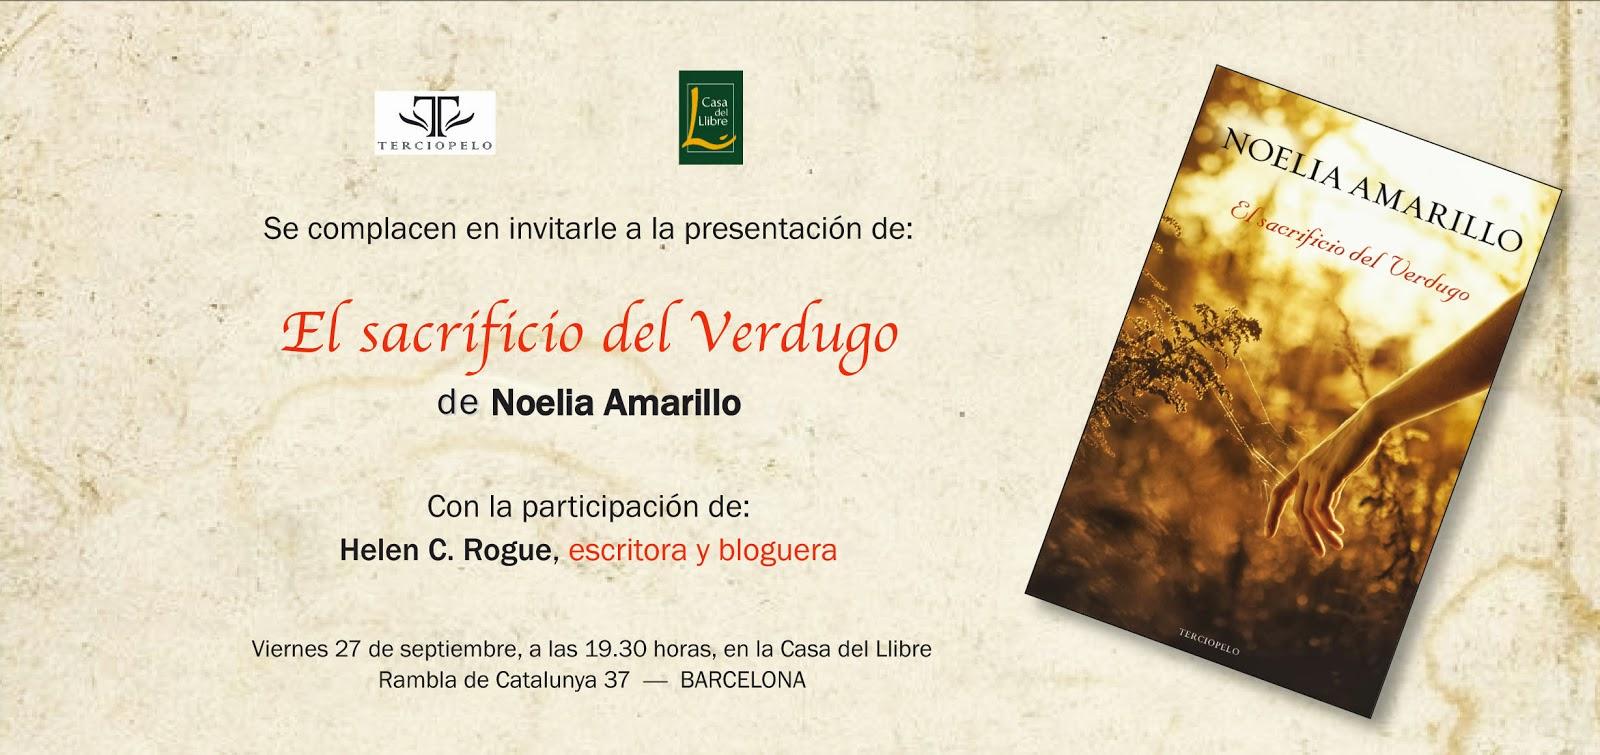 Las cosas de noelia amarillo septiembre 2013 - Casa del libro barcelona rambla catalunya ...